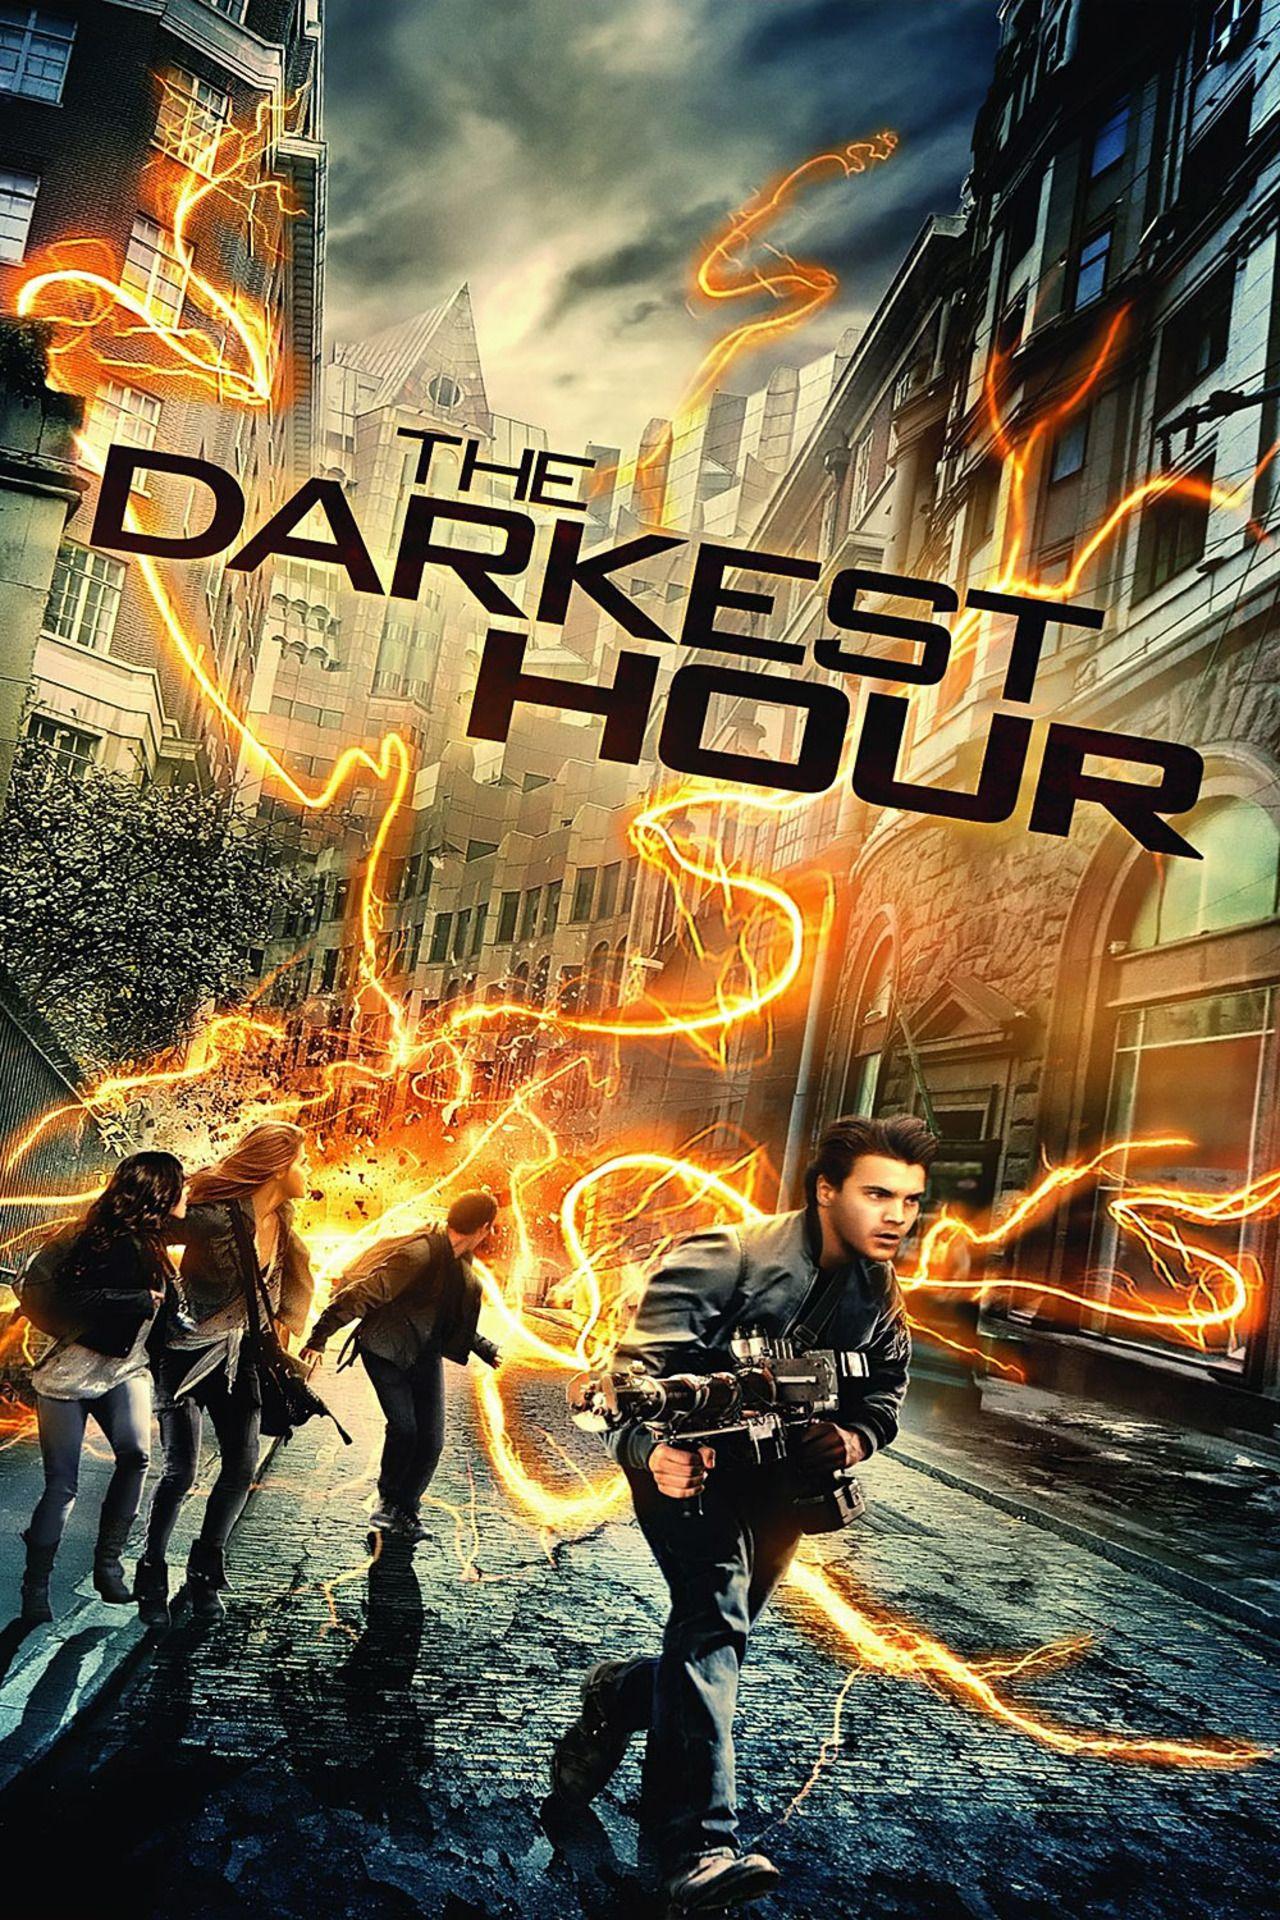 The Darkest Hour 2011 Movie